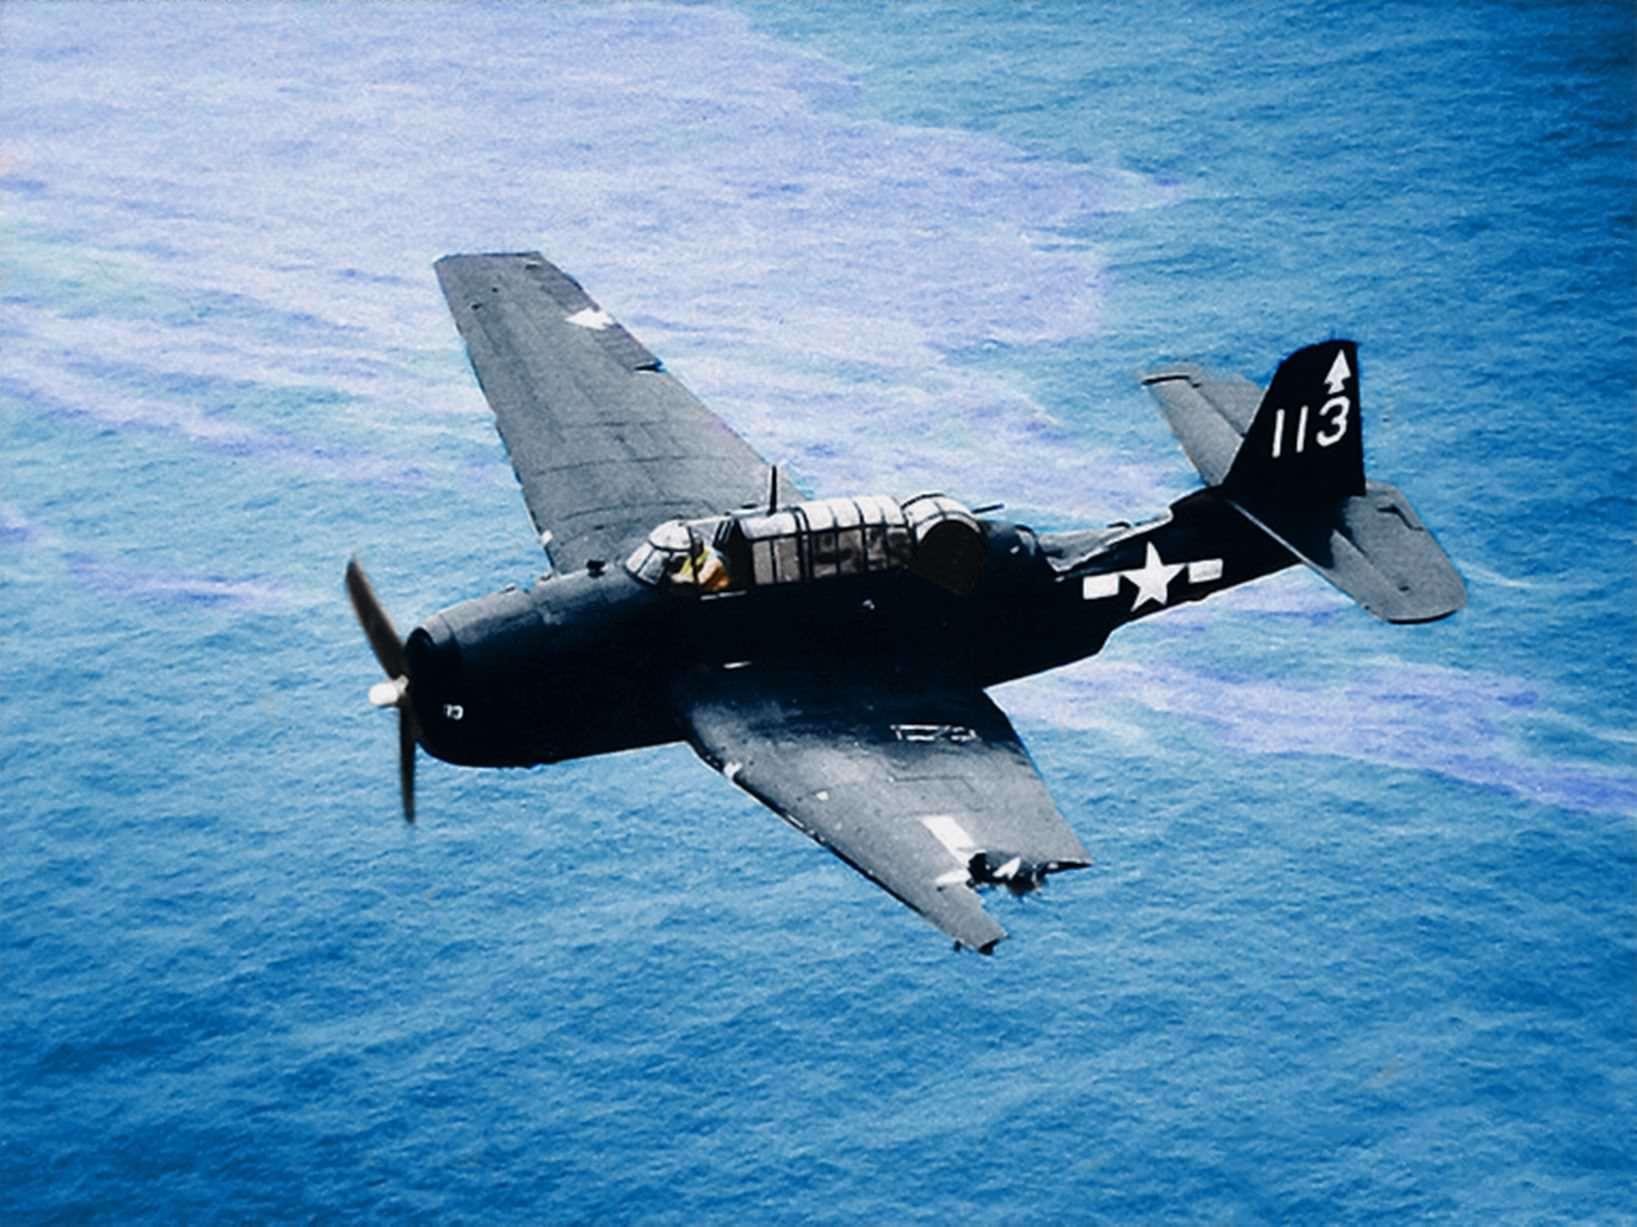 Літак, що пролітав над водоймою